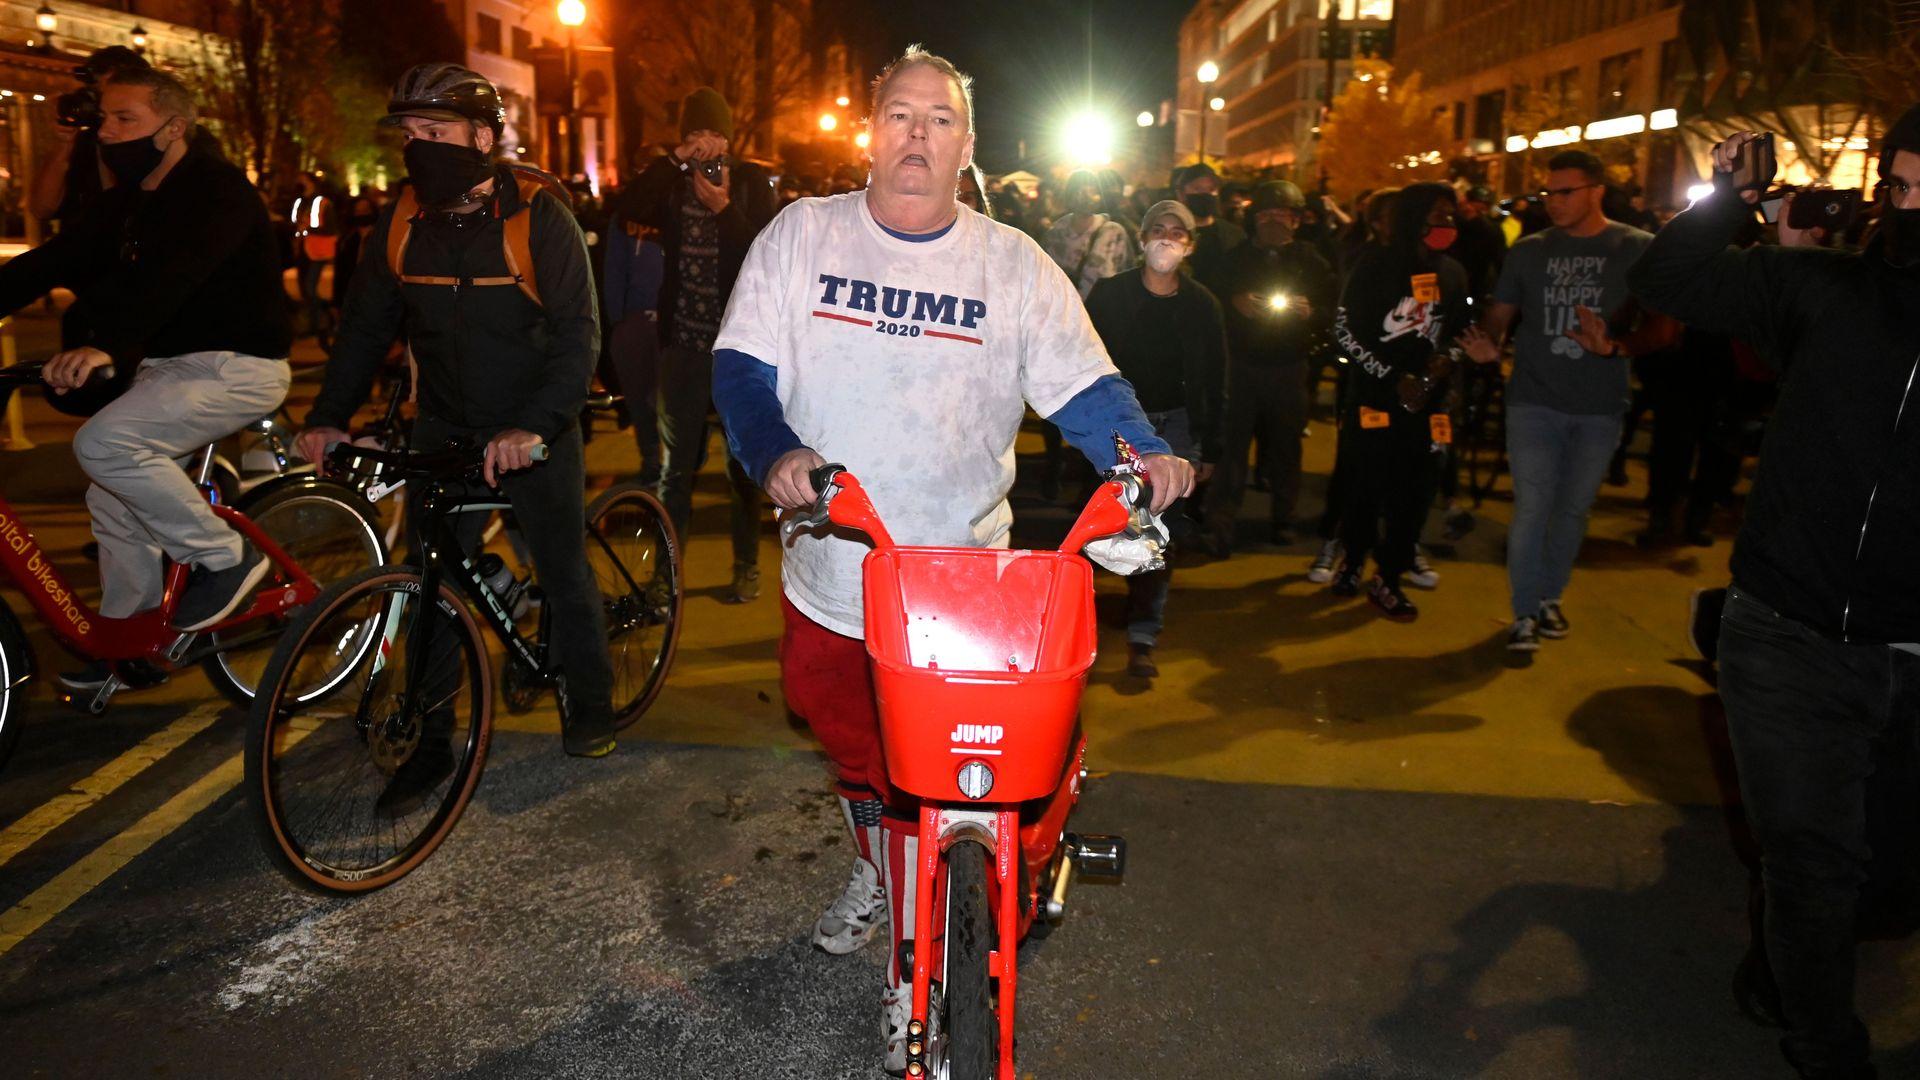 Un partisan du président américain Donald Trump quitte Black Lives Matter Plaza après une bagarre avec des contre-manifestants après le rassemblement de partisans pro-Trump à Washington, DC